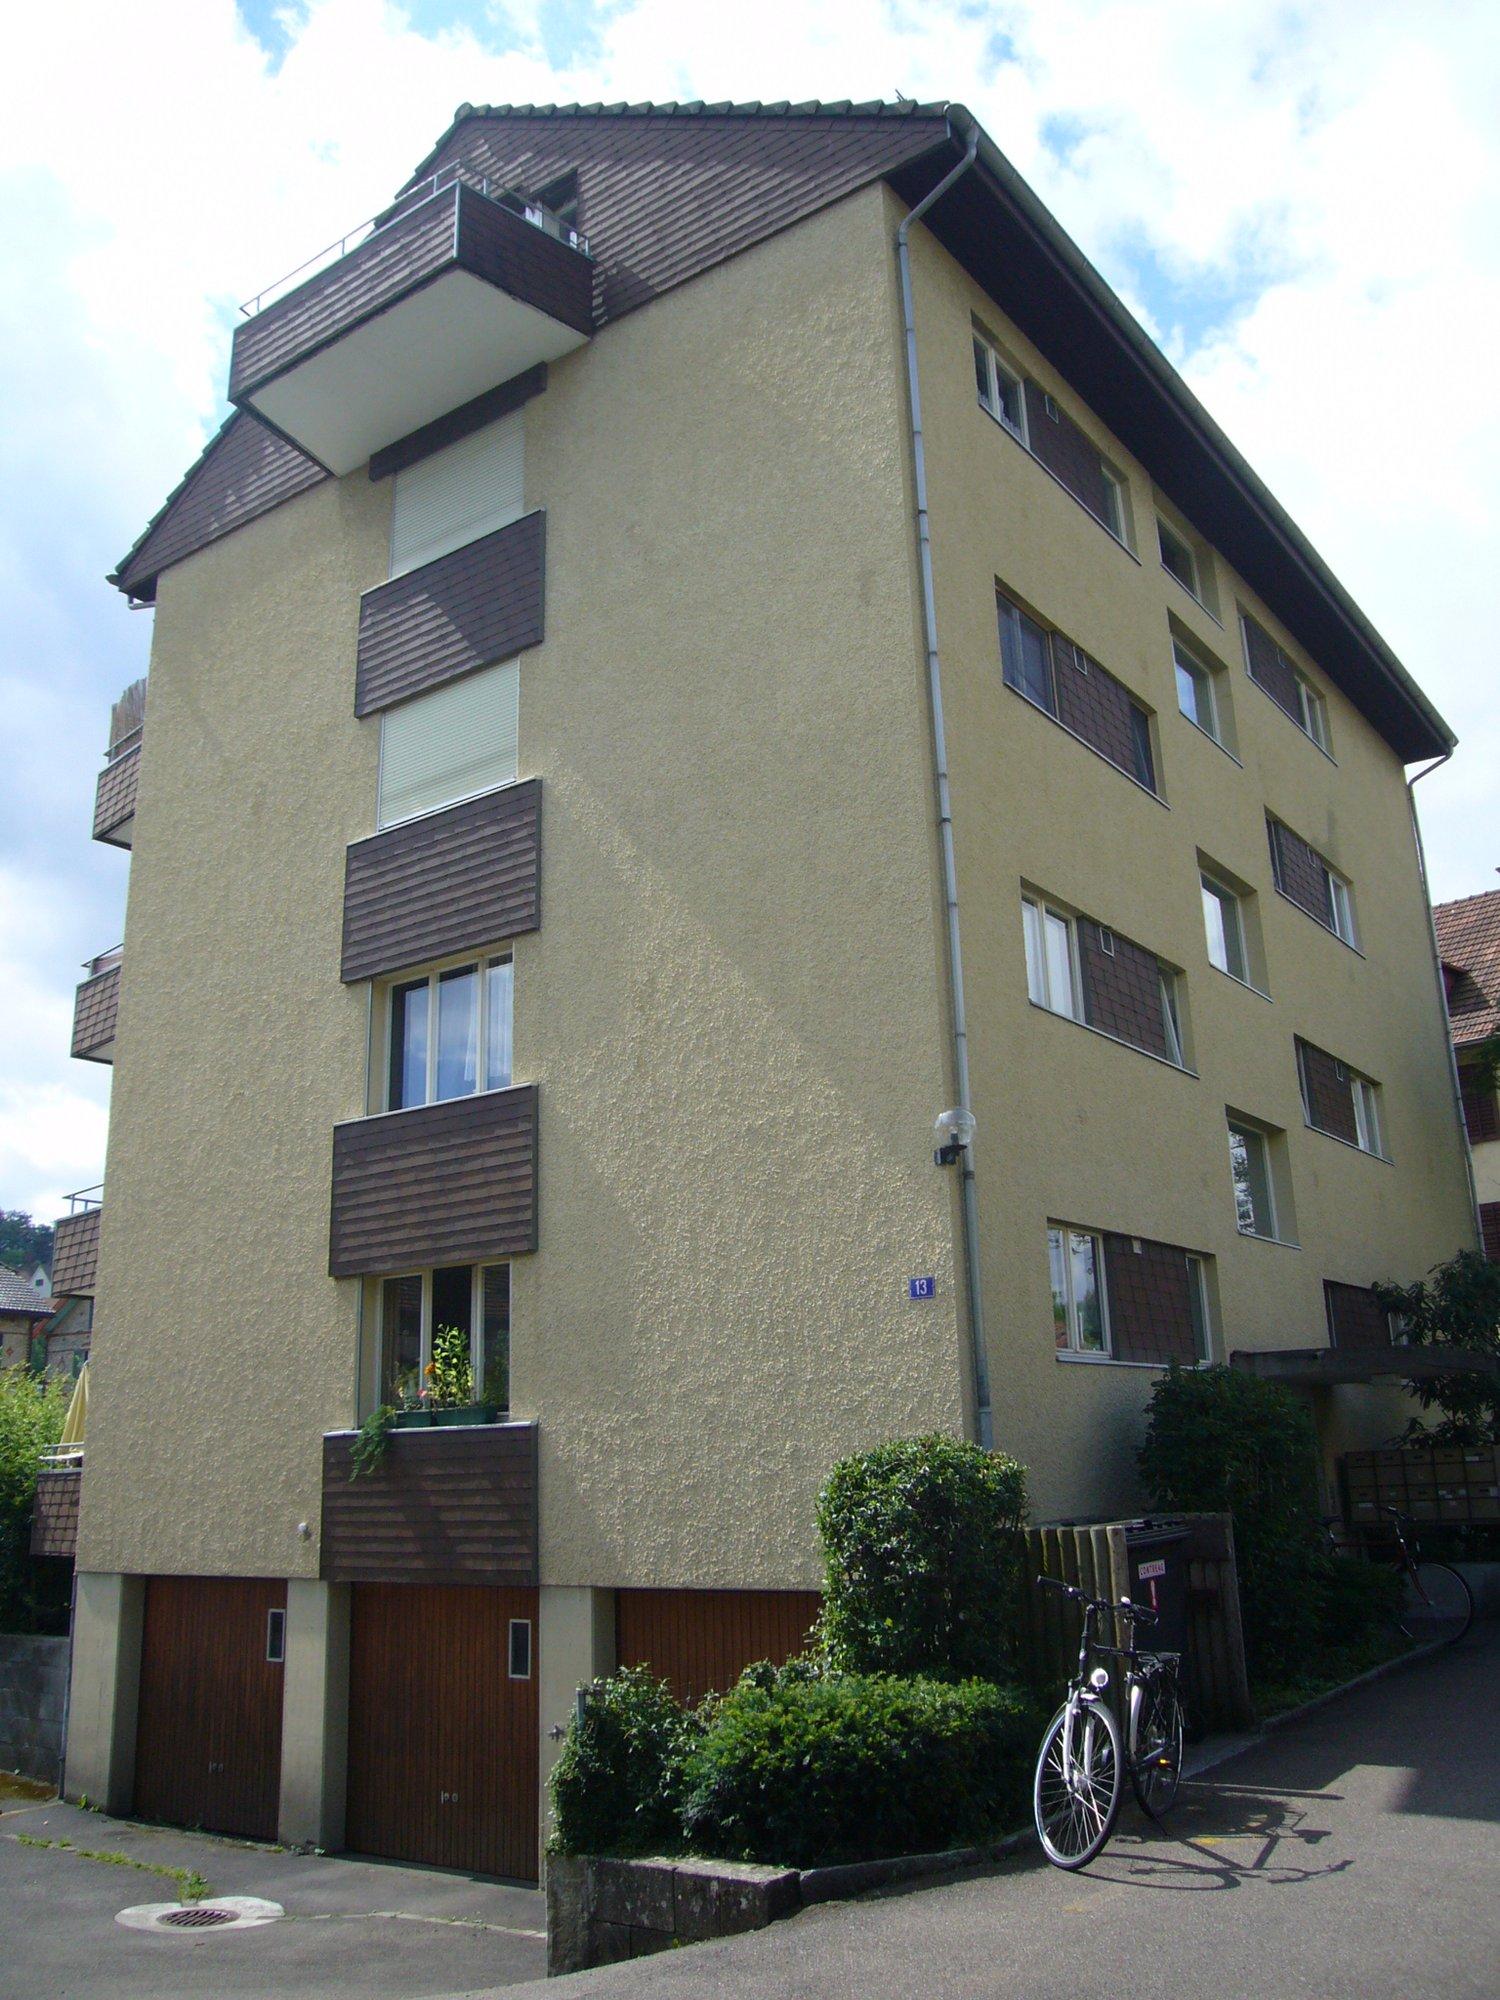 Giesserstrasse 13